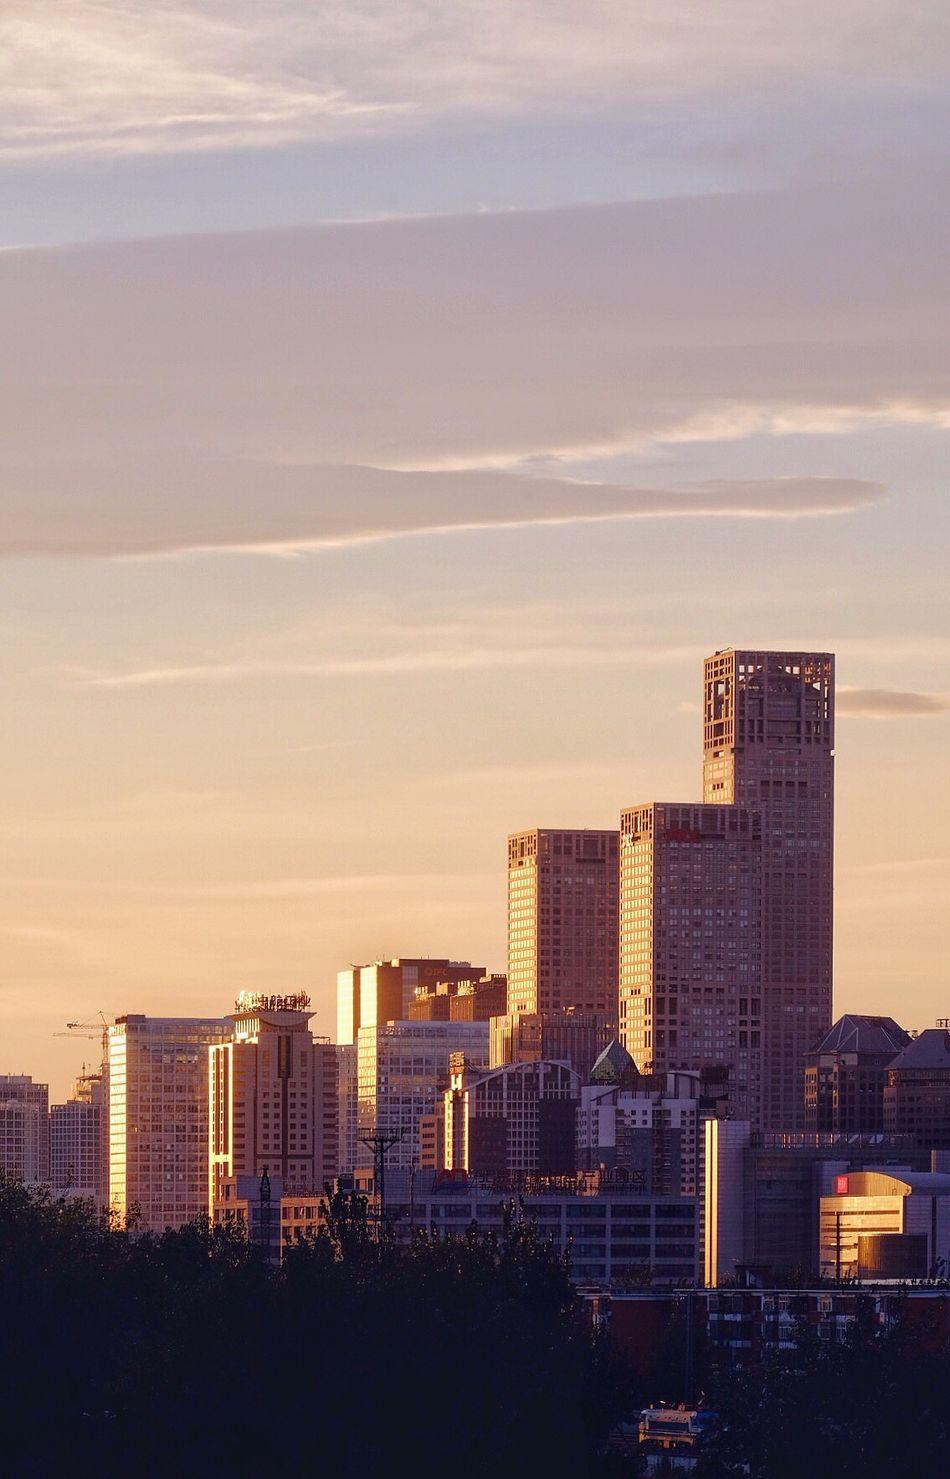 Sohochina Beijing, China Architecture 55-200mm Cityscapes Jianwaisoho 建外